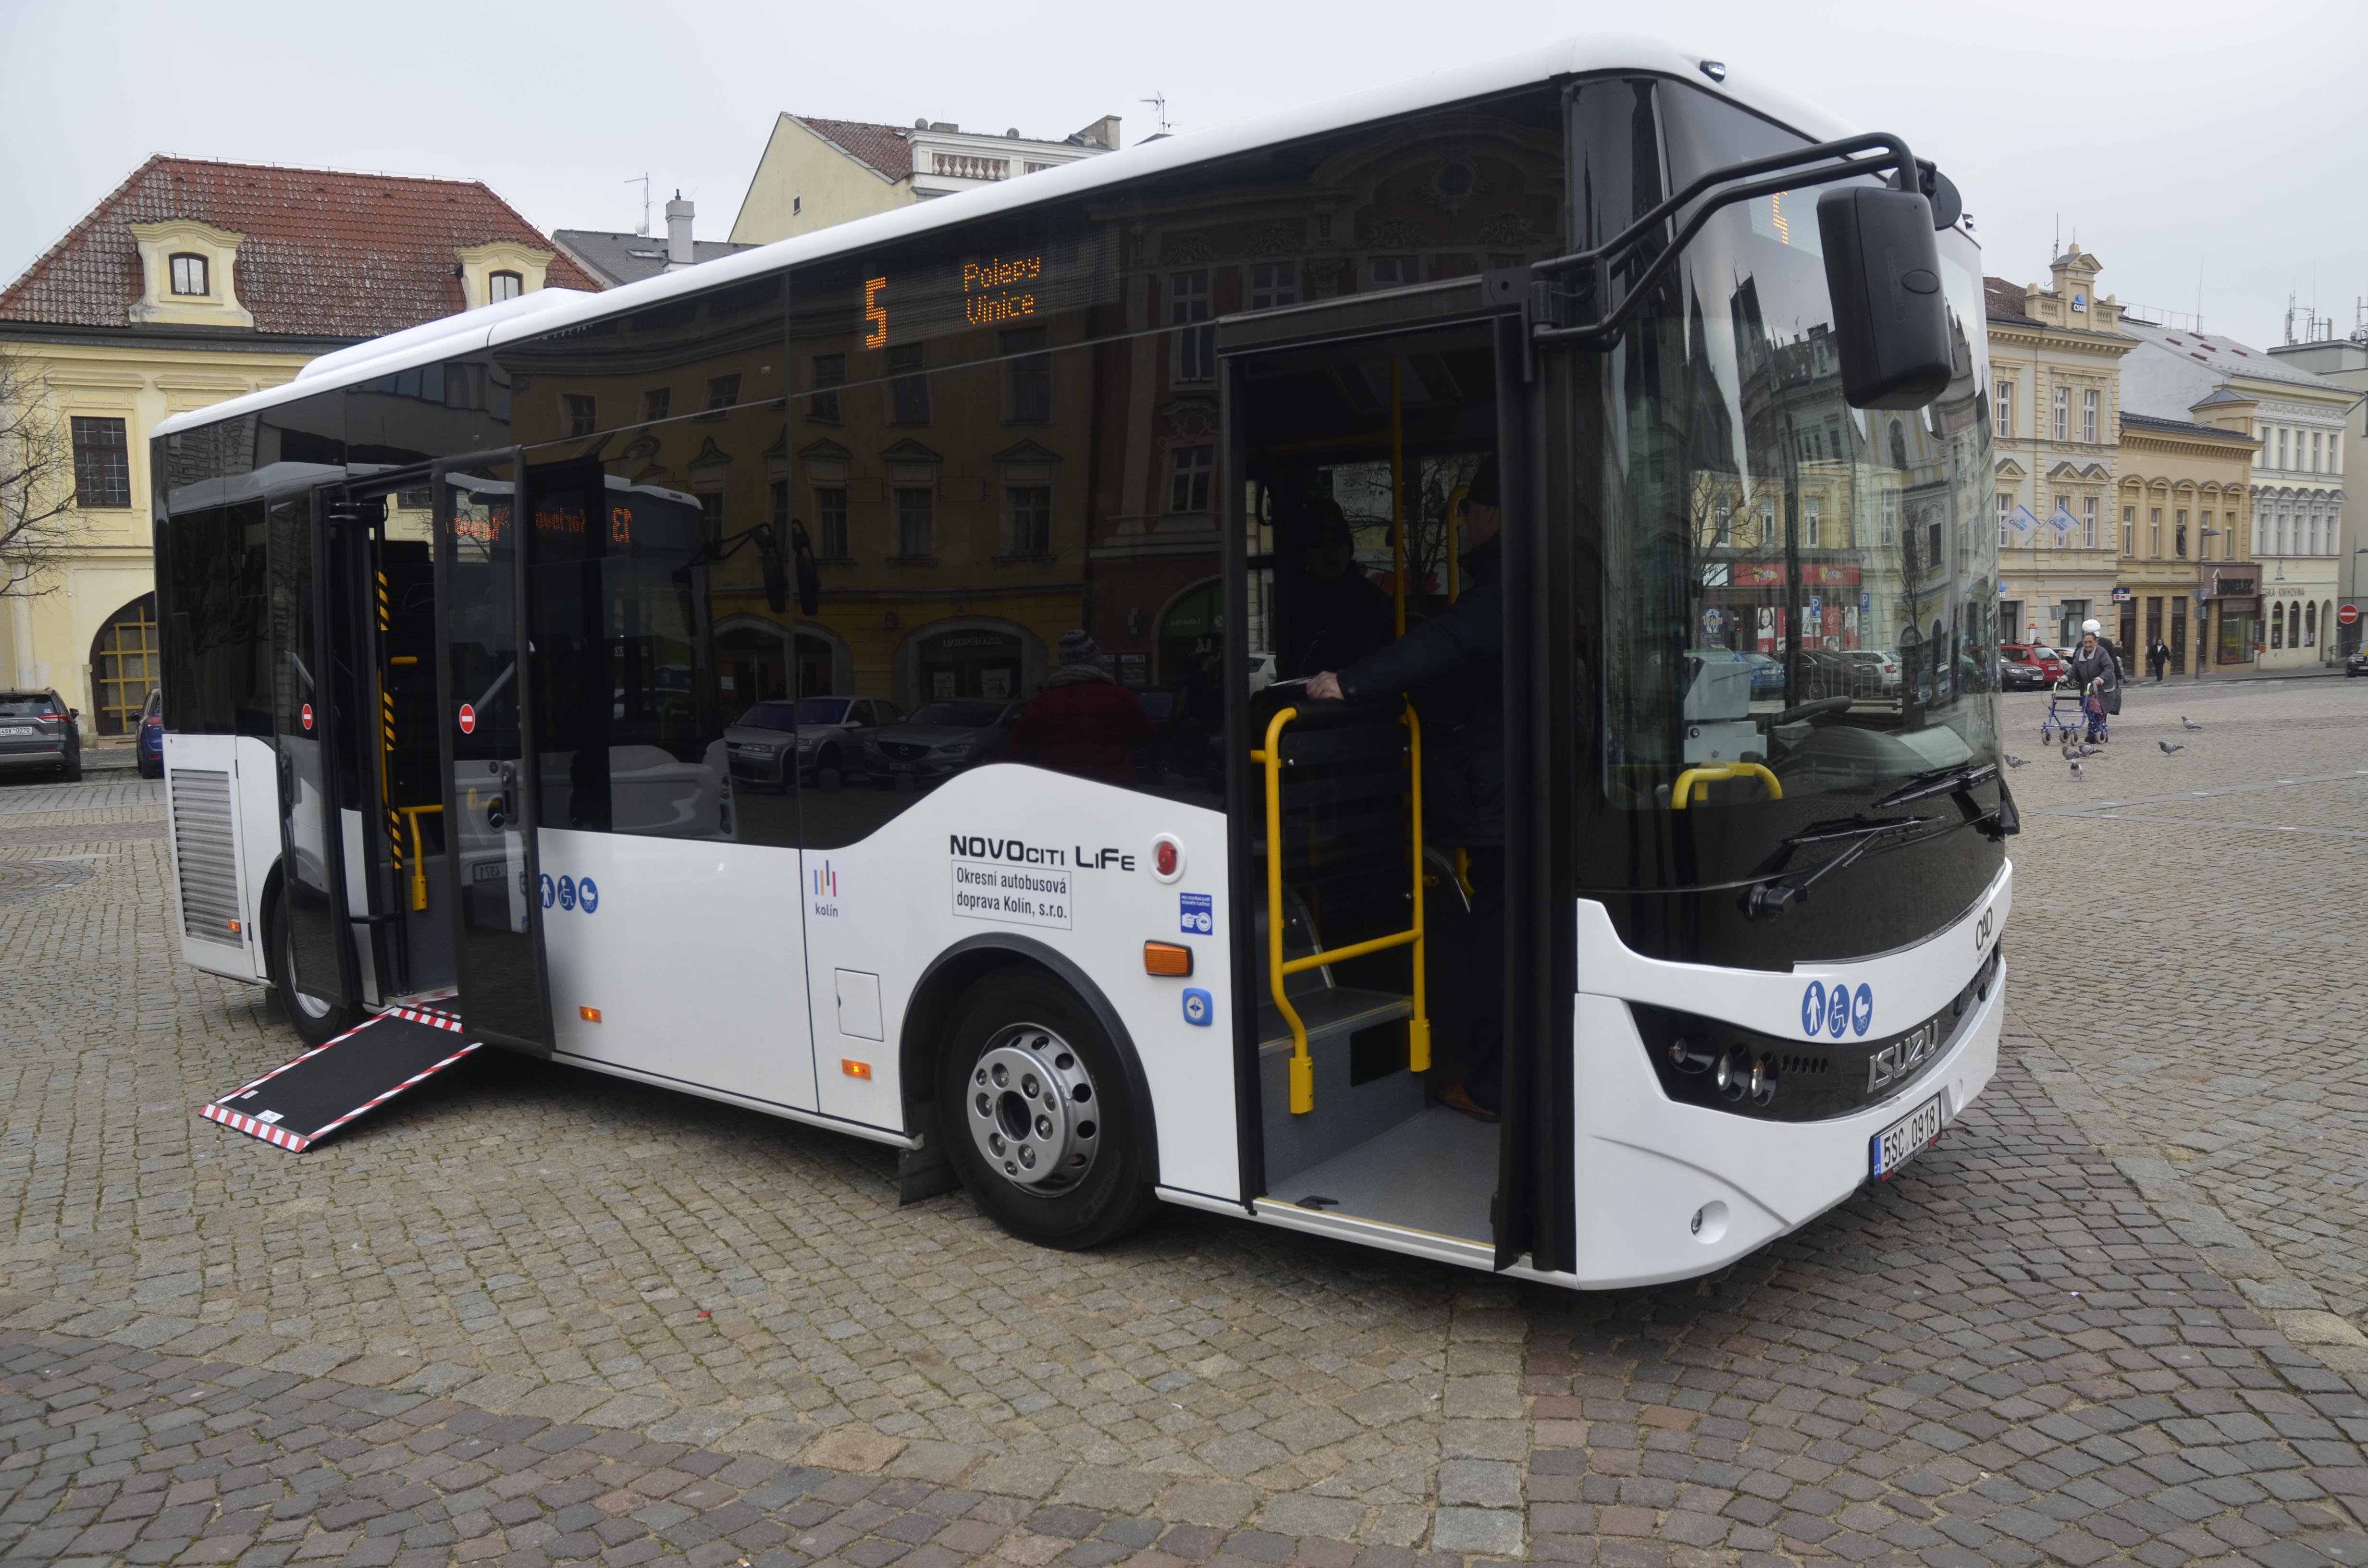 Pozýváme vás na testovaciu jazdzu s novým autobusem ISUZU NovoCiti Life